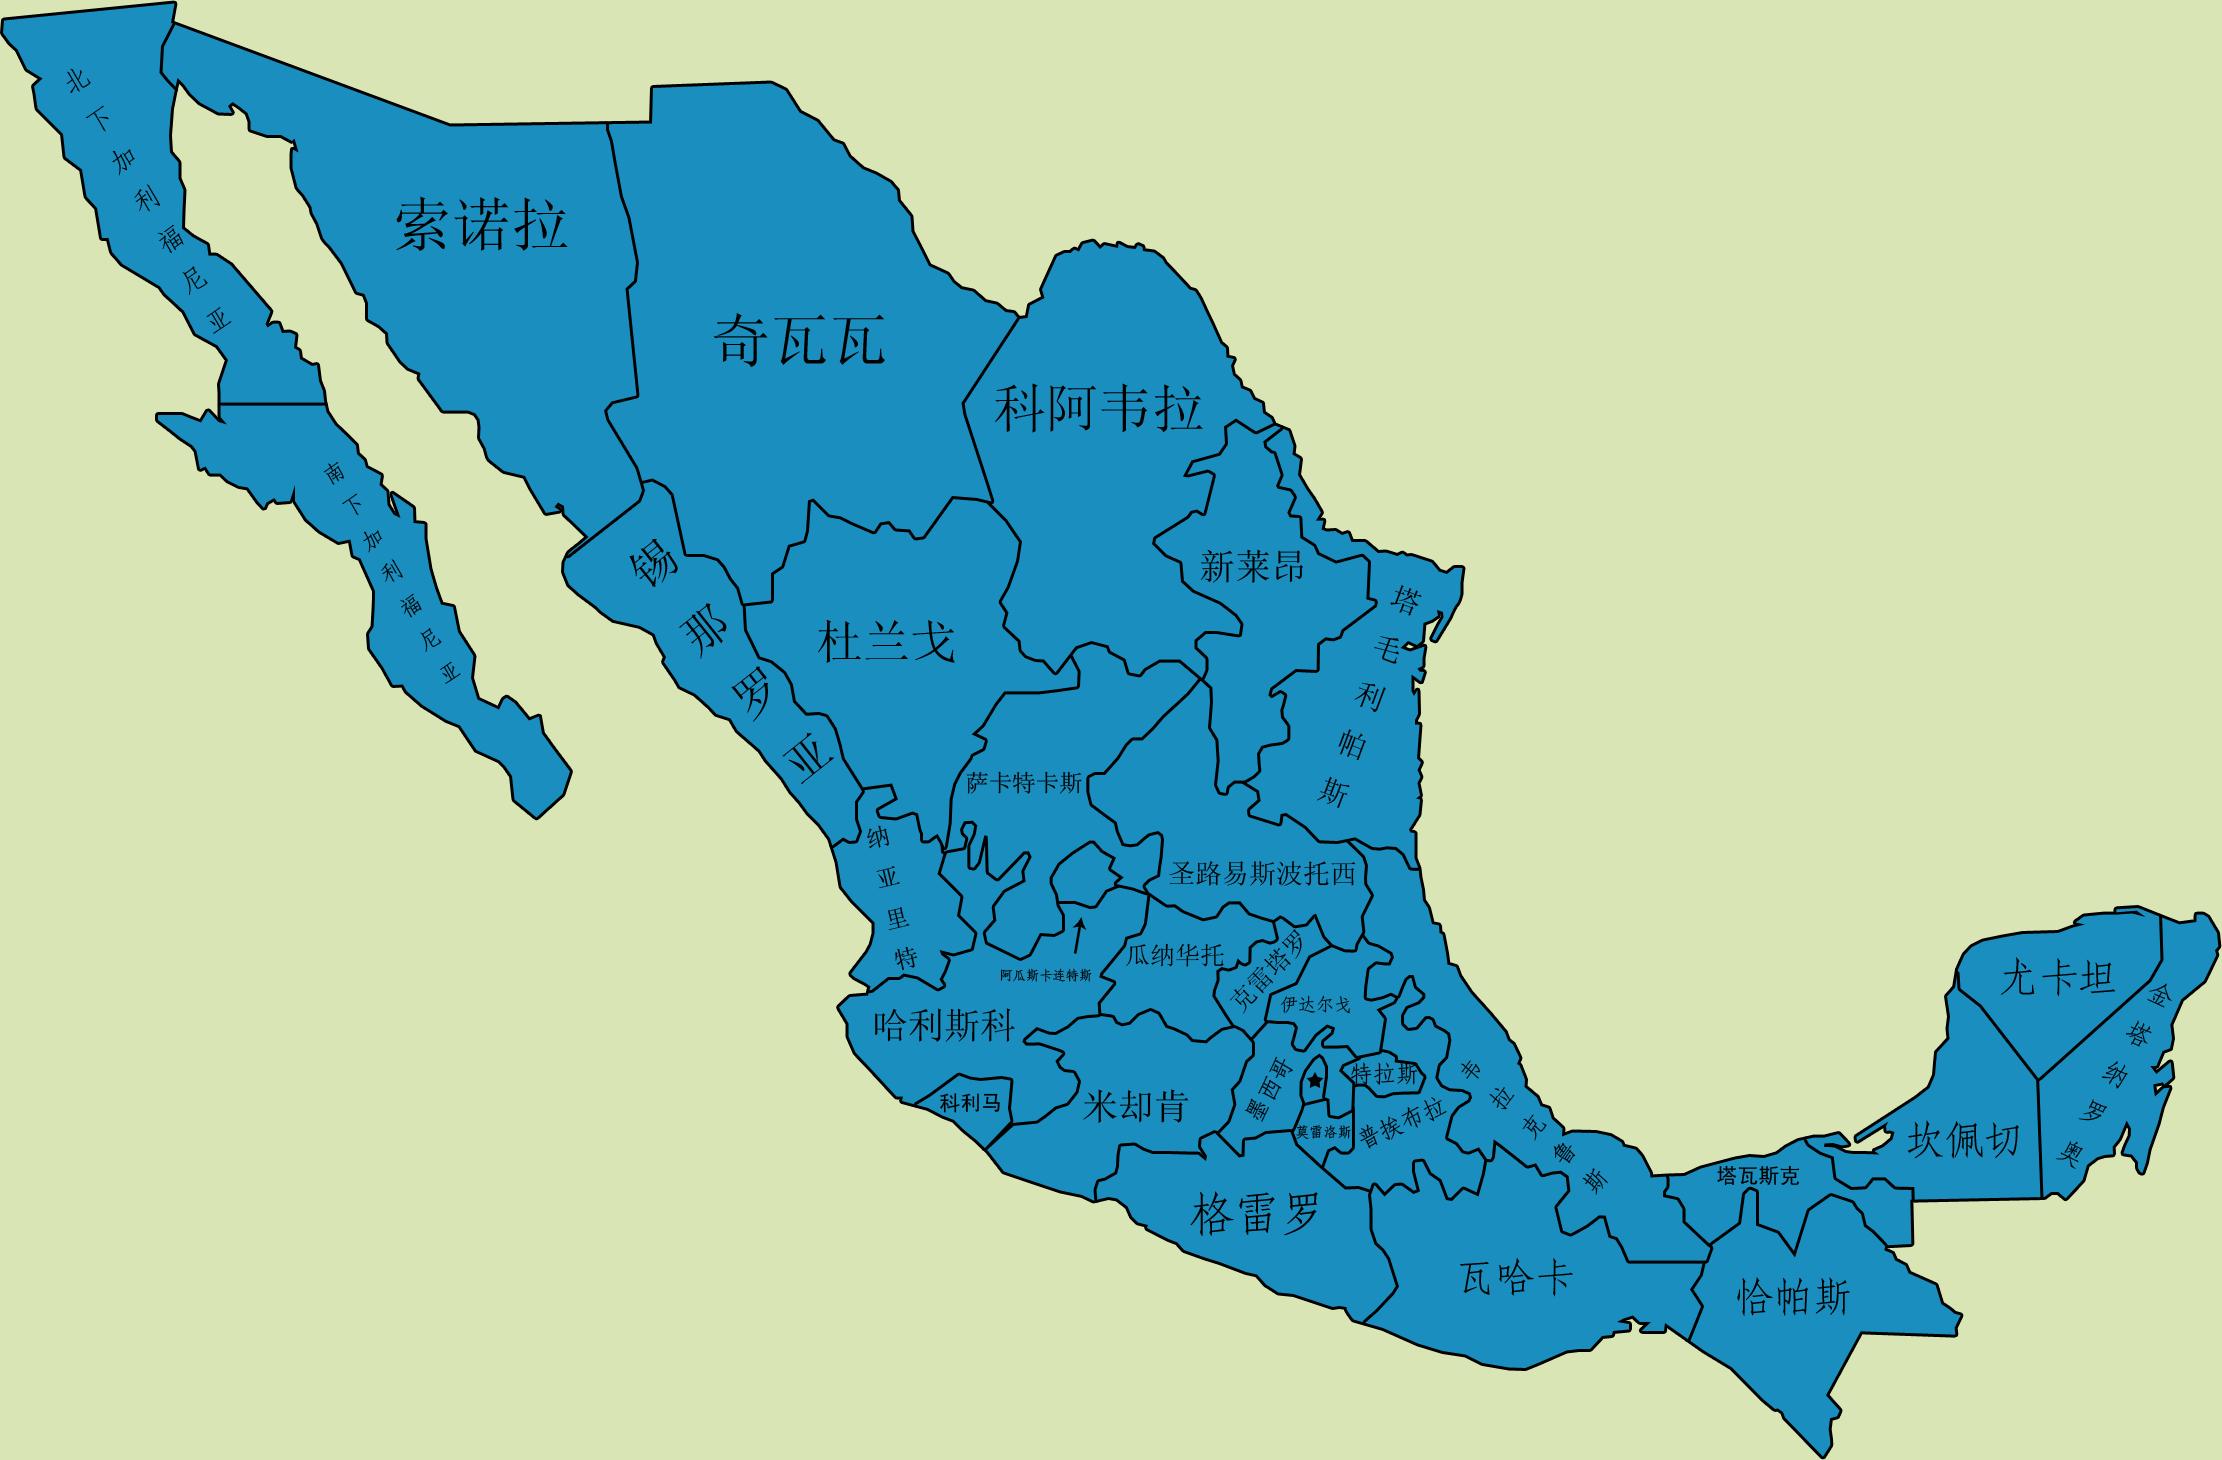 墨西哥行政区划图图片